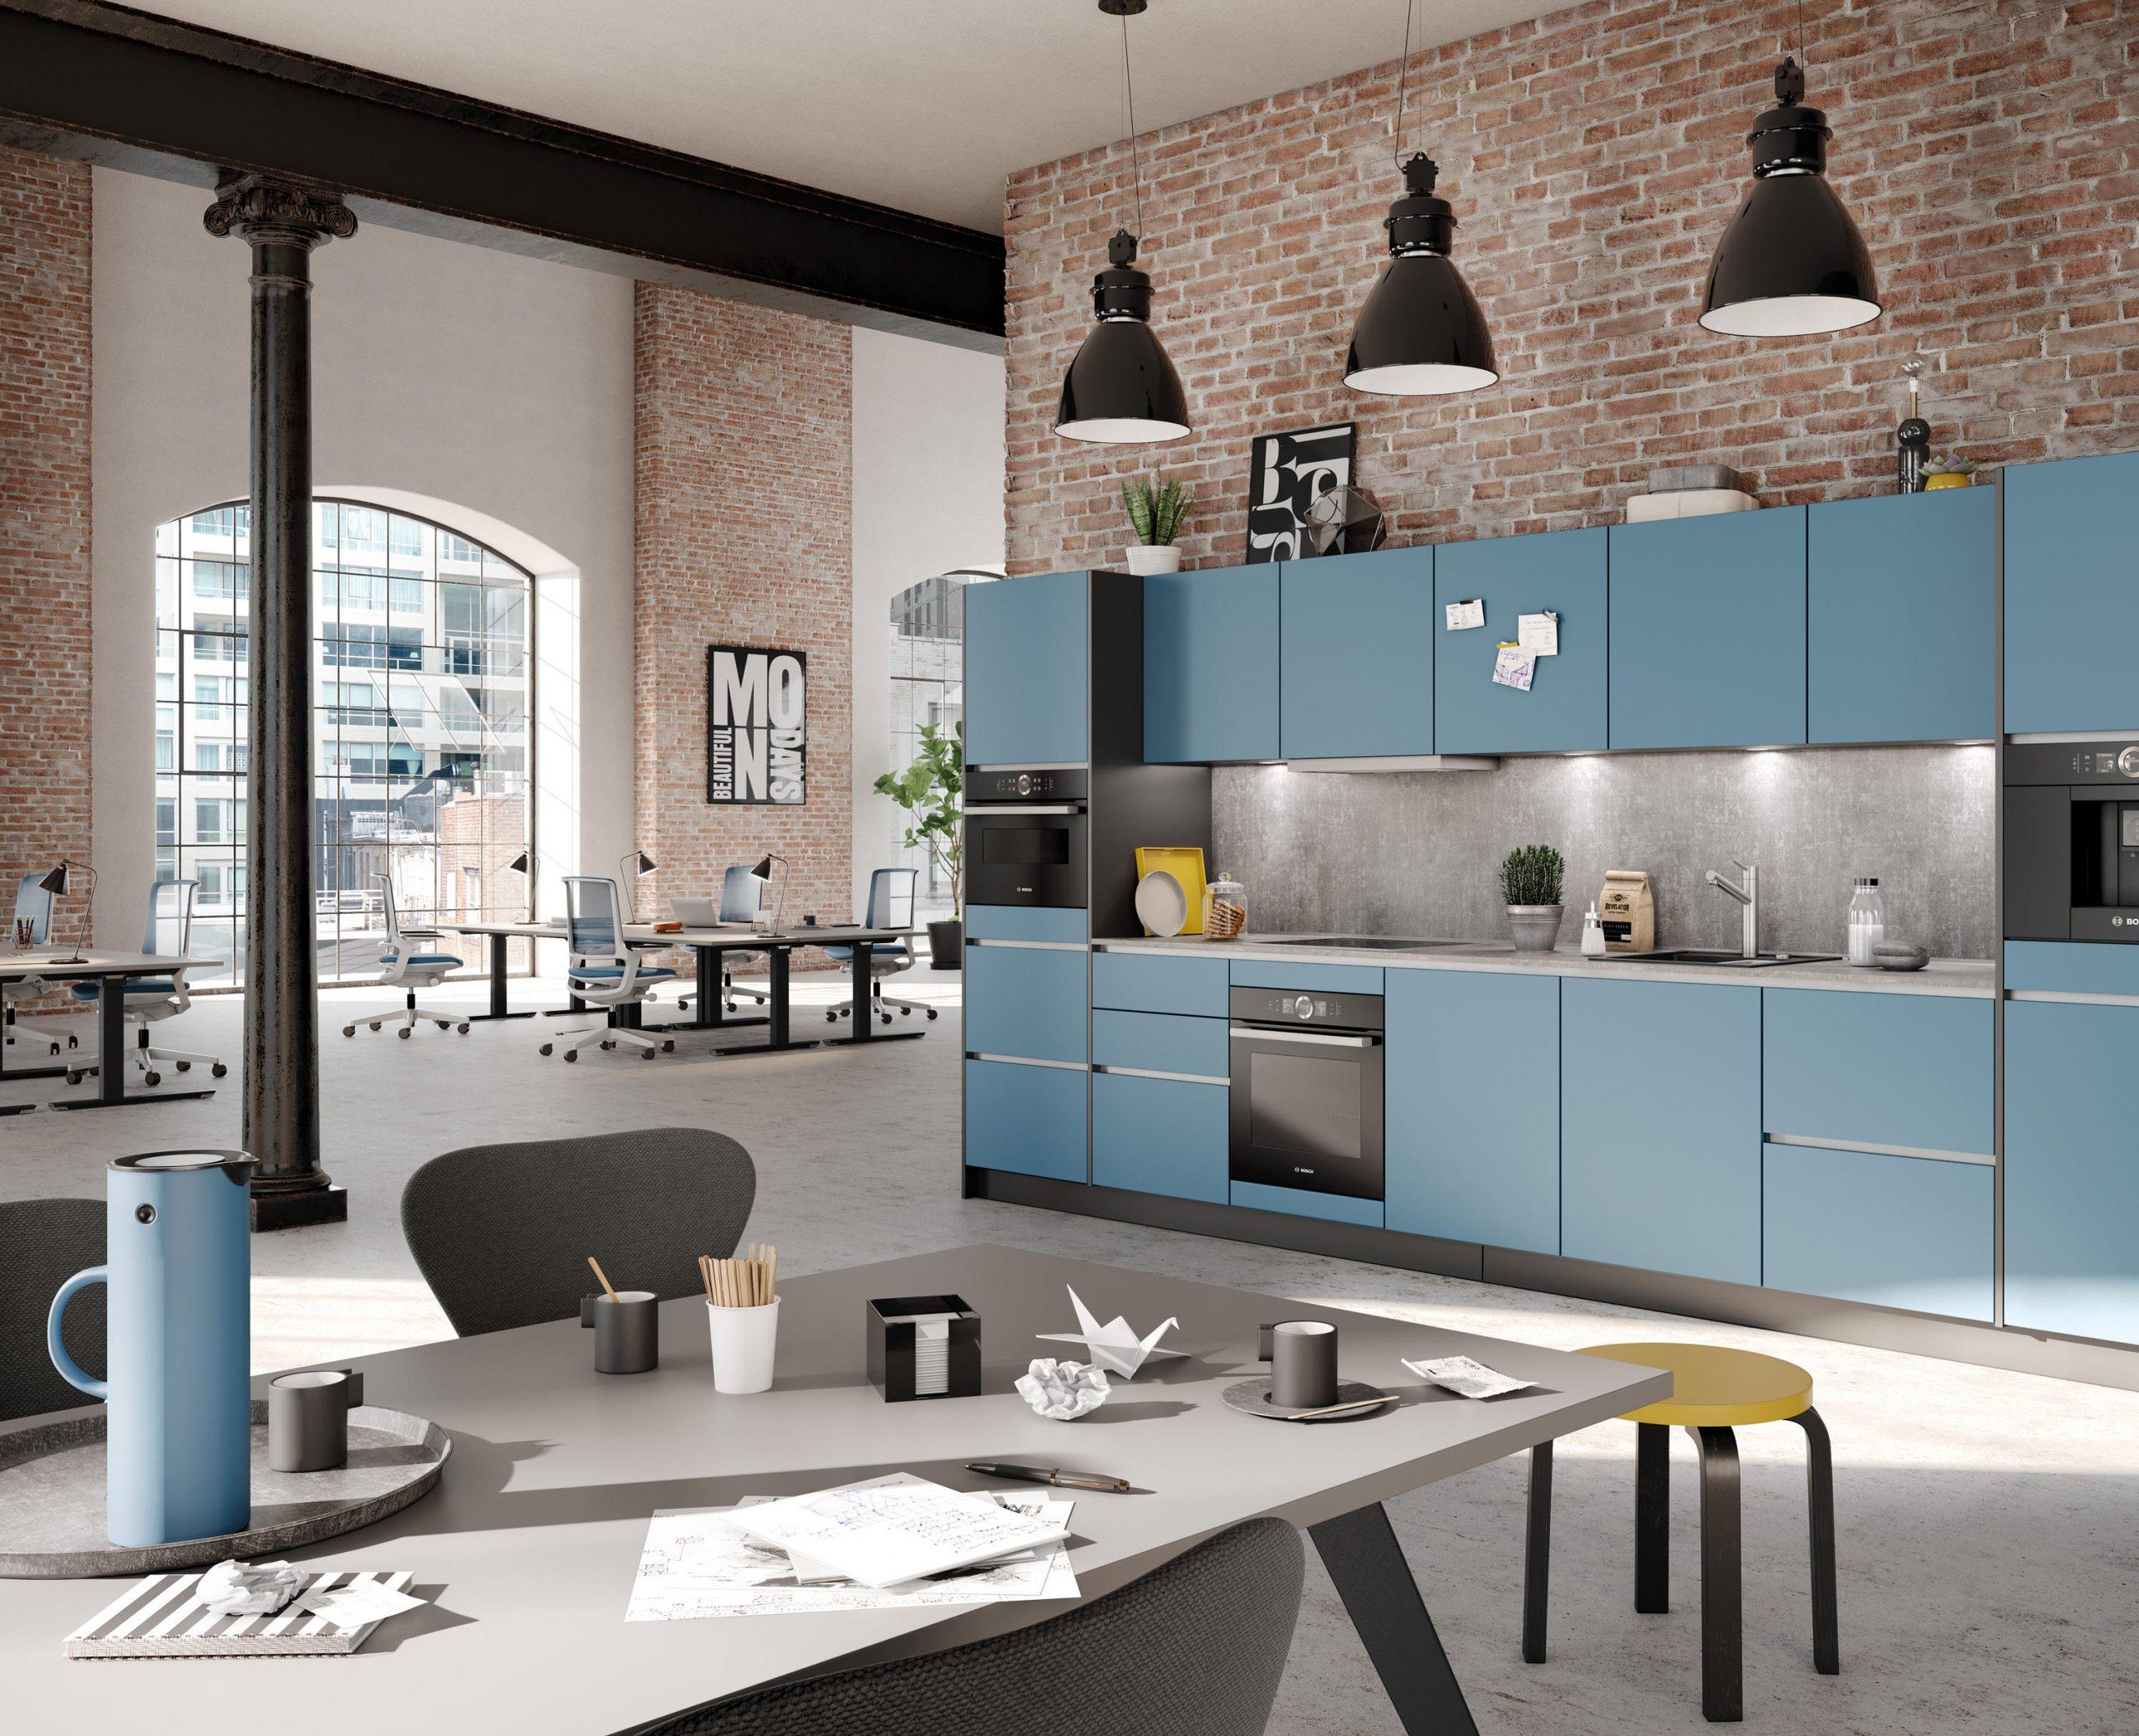 Full Size of Büro Küche Gestalten Putzplan Büro Küche Büro Küche Mit Spülmaschine Büro Küche Schrankküche Küche Büroküche